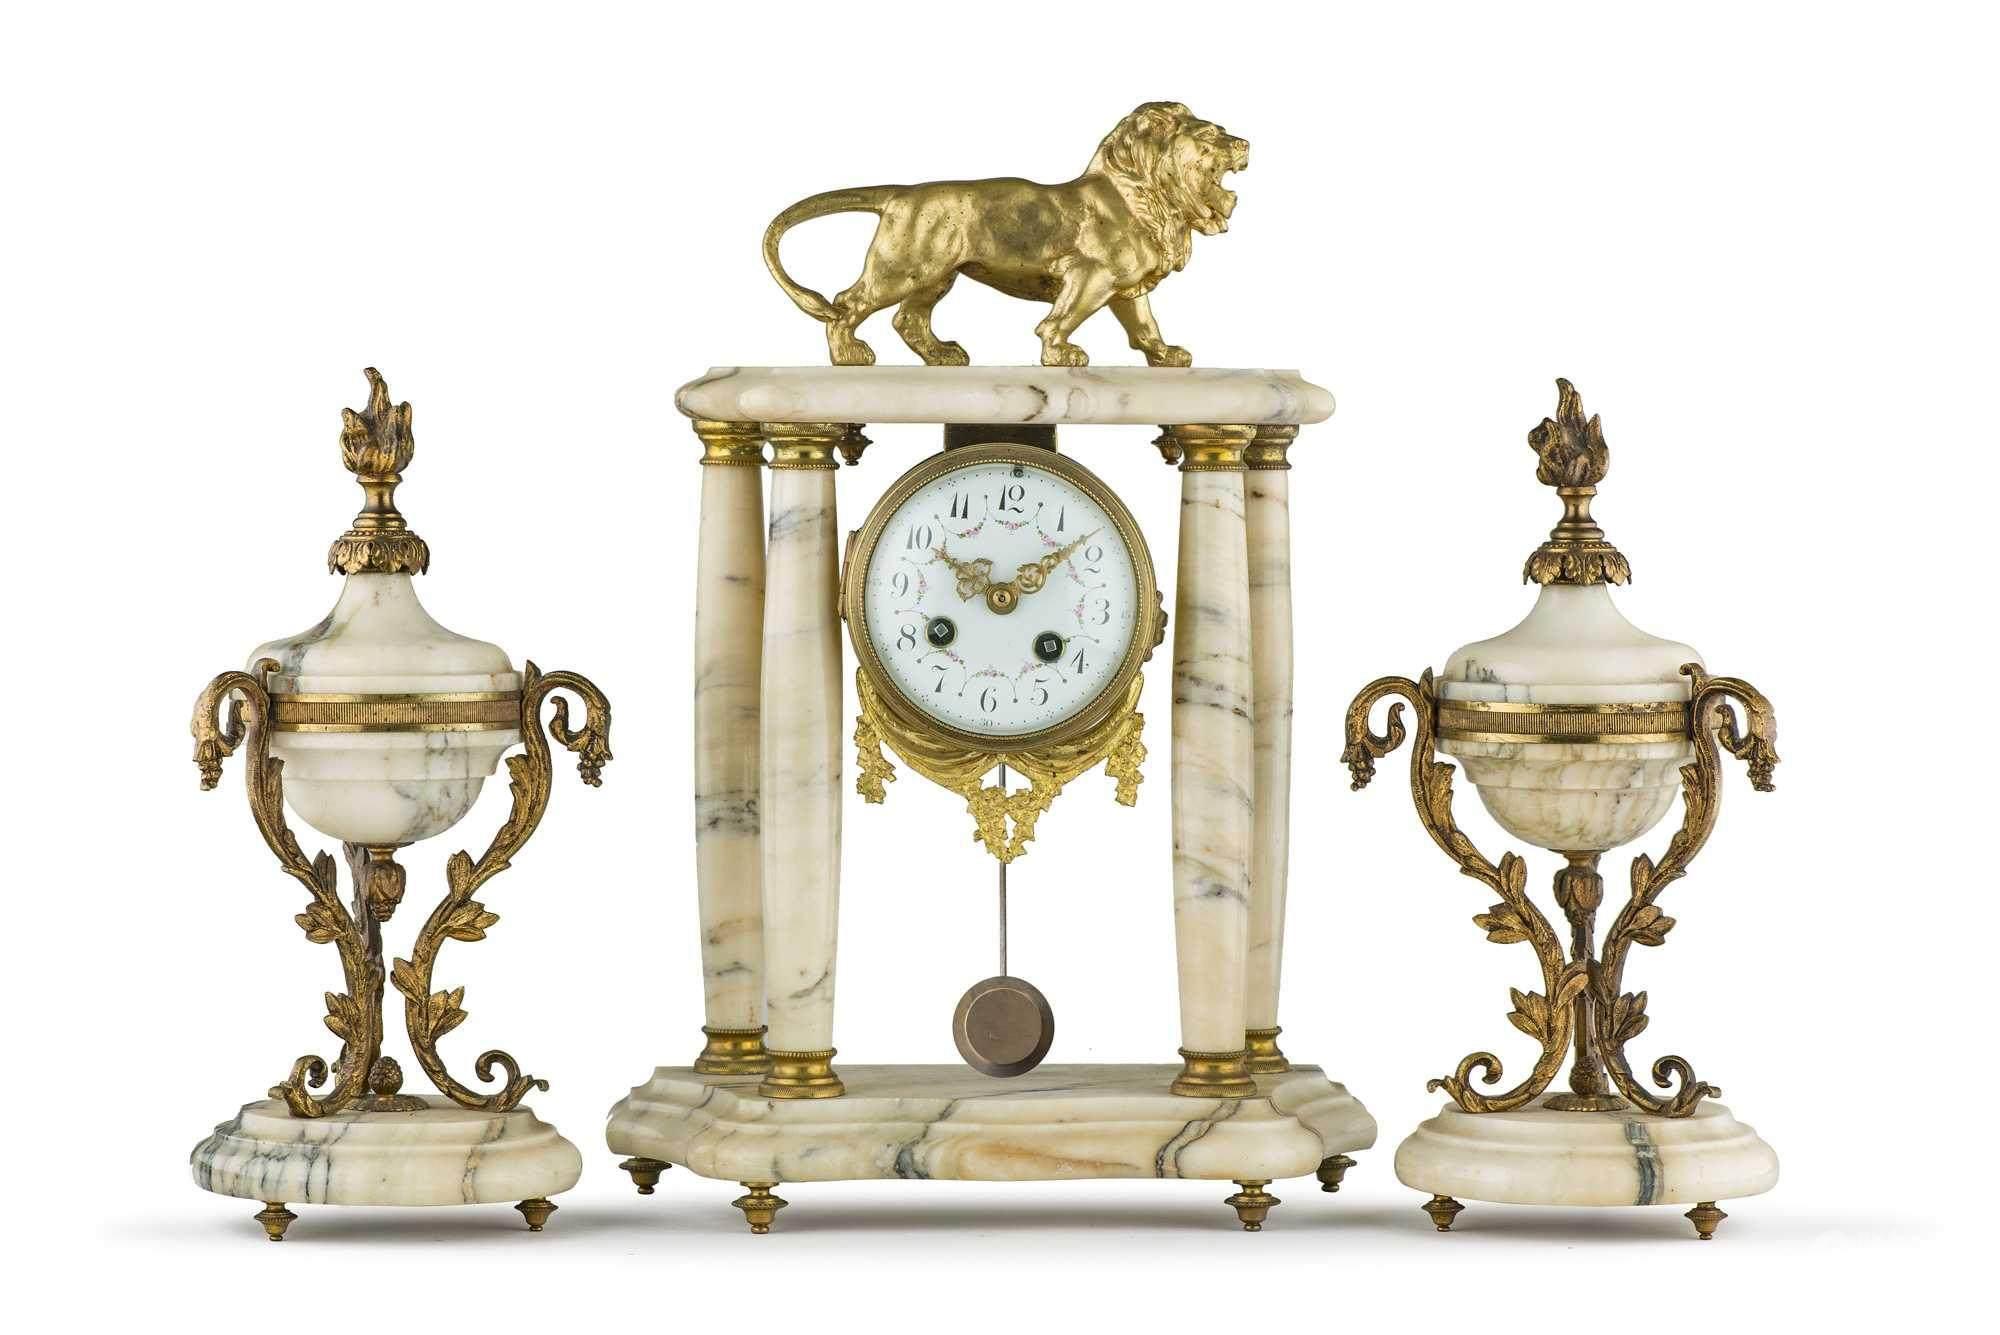 51bidlive Garniture De Cheminee D Epoque Napoleon Iii En Marbre